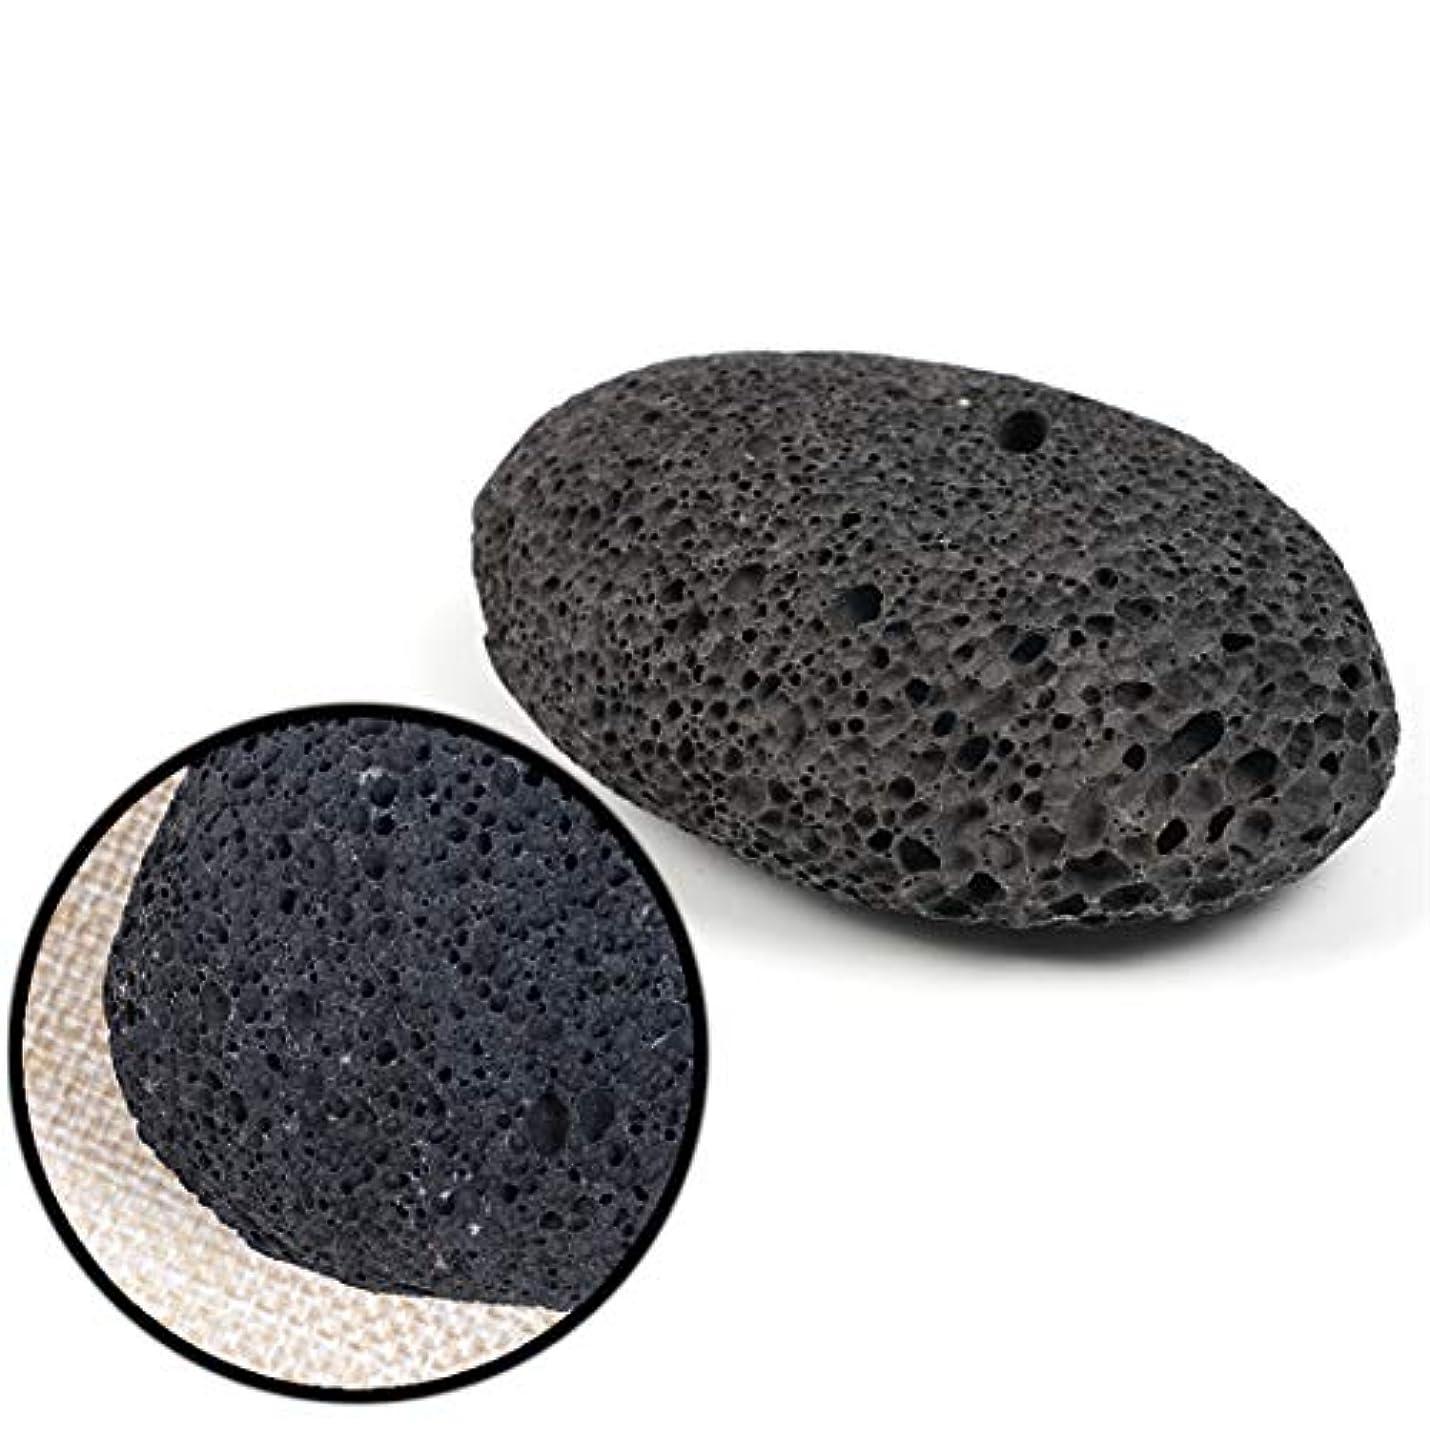 未使用生理保安天然溶岩軽石火山岩石スクラブデッドスキンカルスリムーバーケアフットスキンケアツール